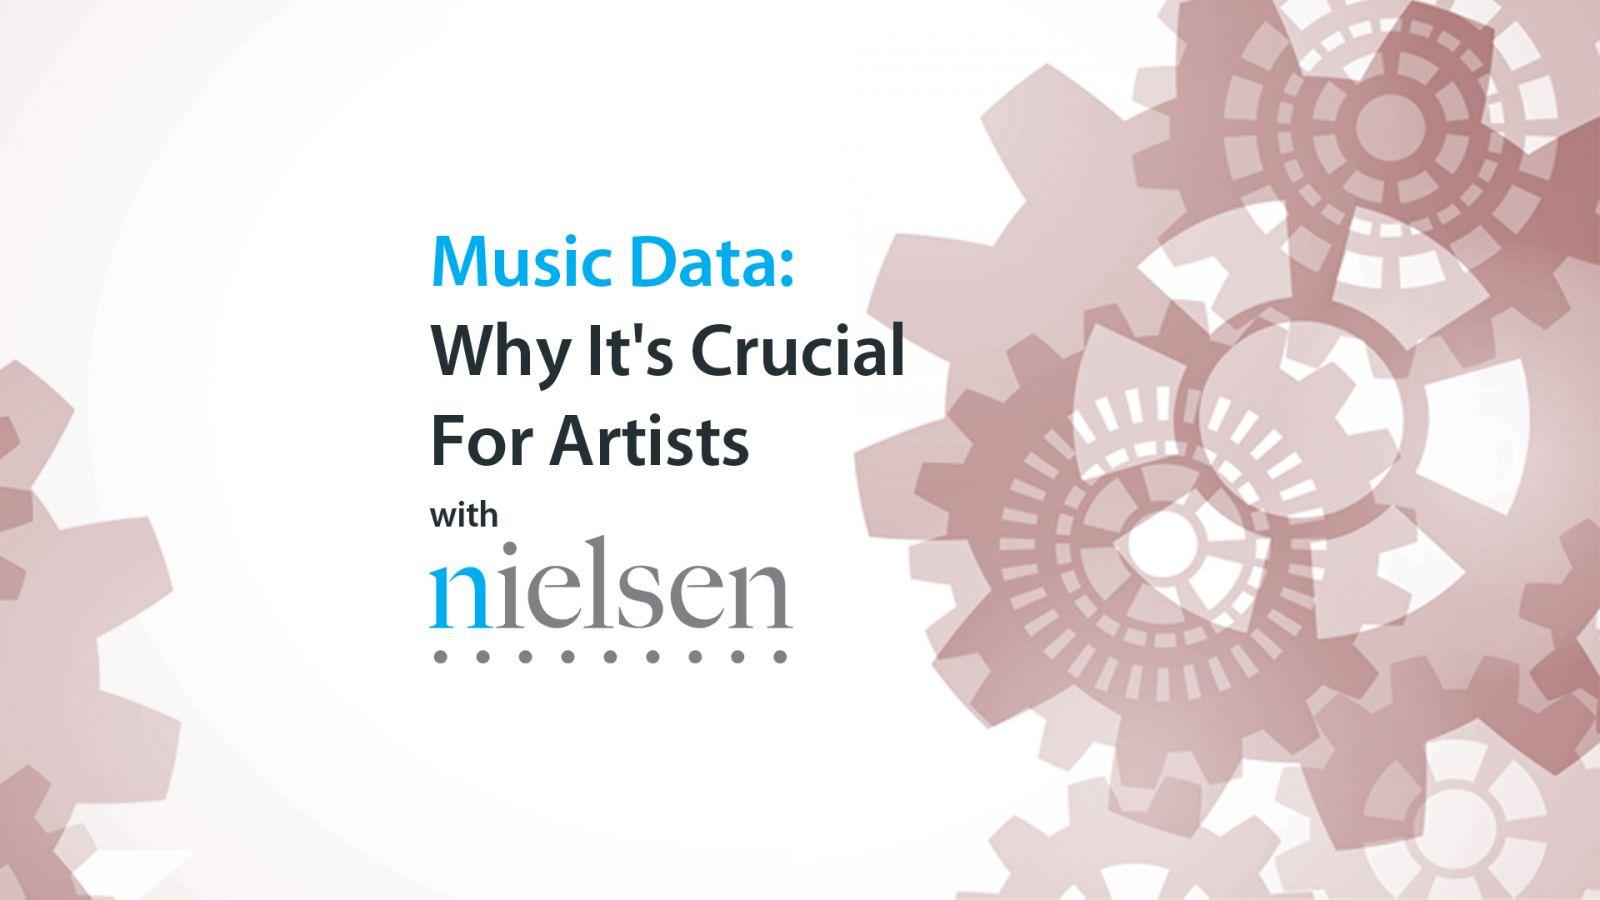 Music Data Workshop